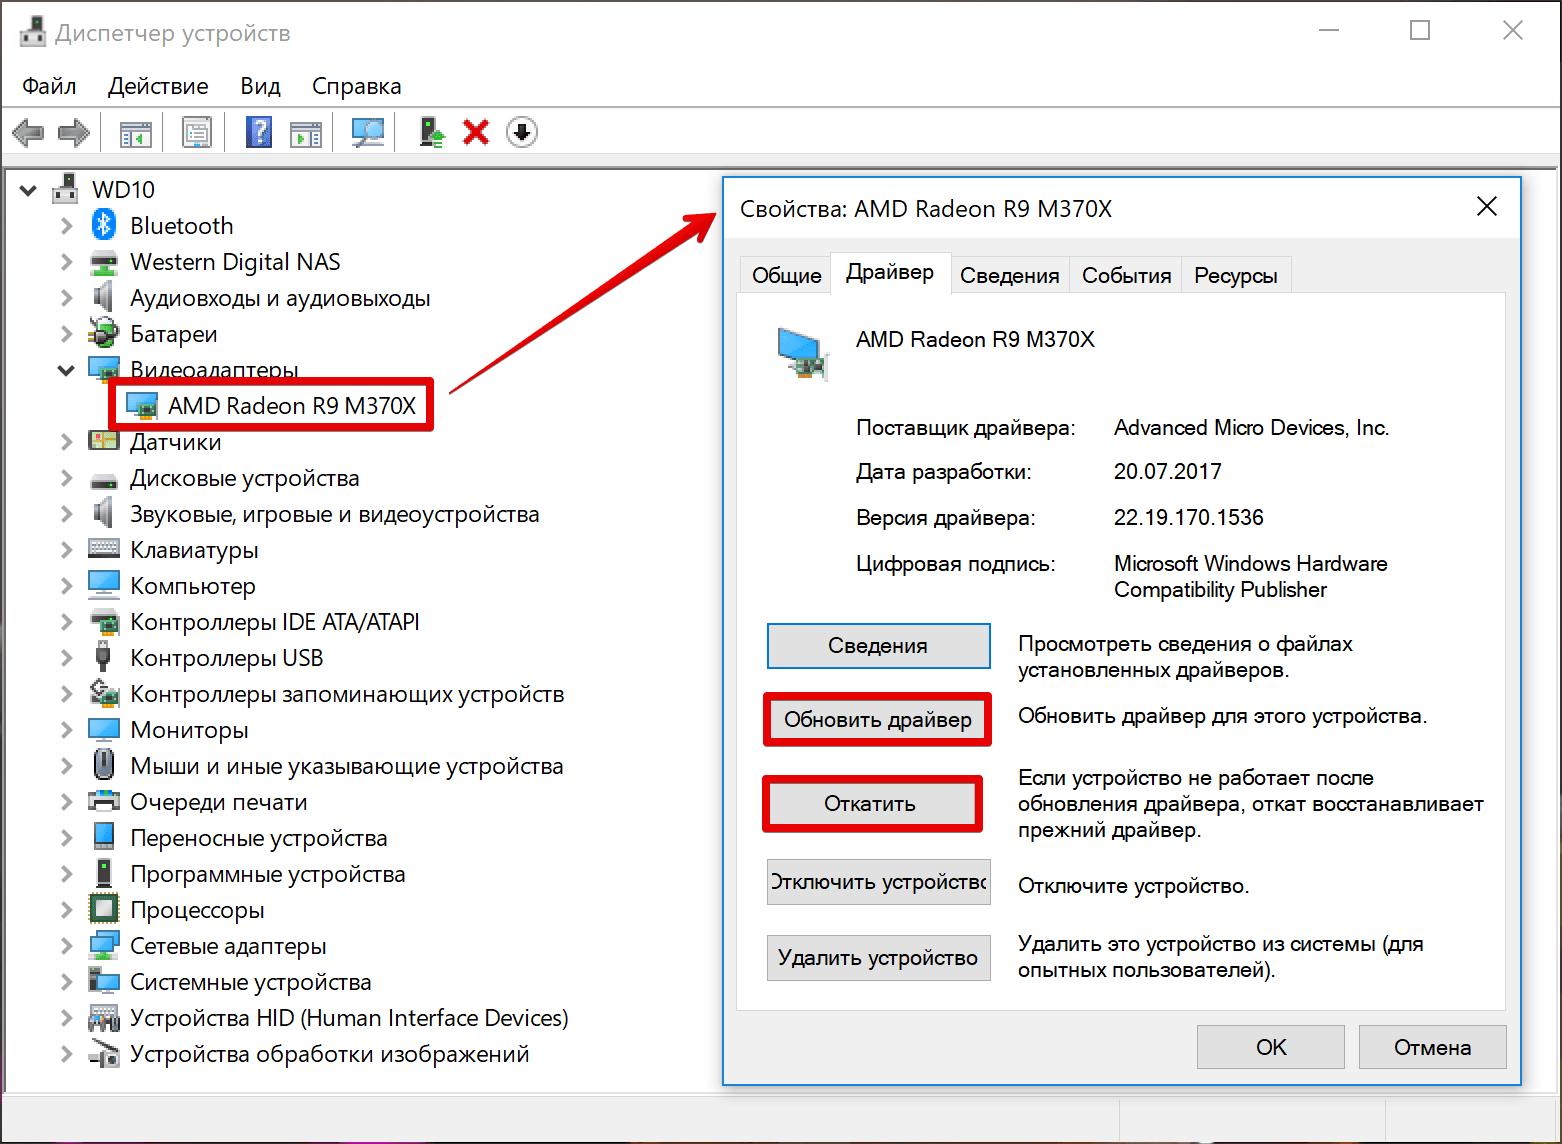 Как откатить систему назад на Windows 10 и вернуть 3